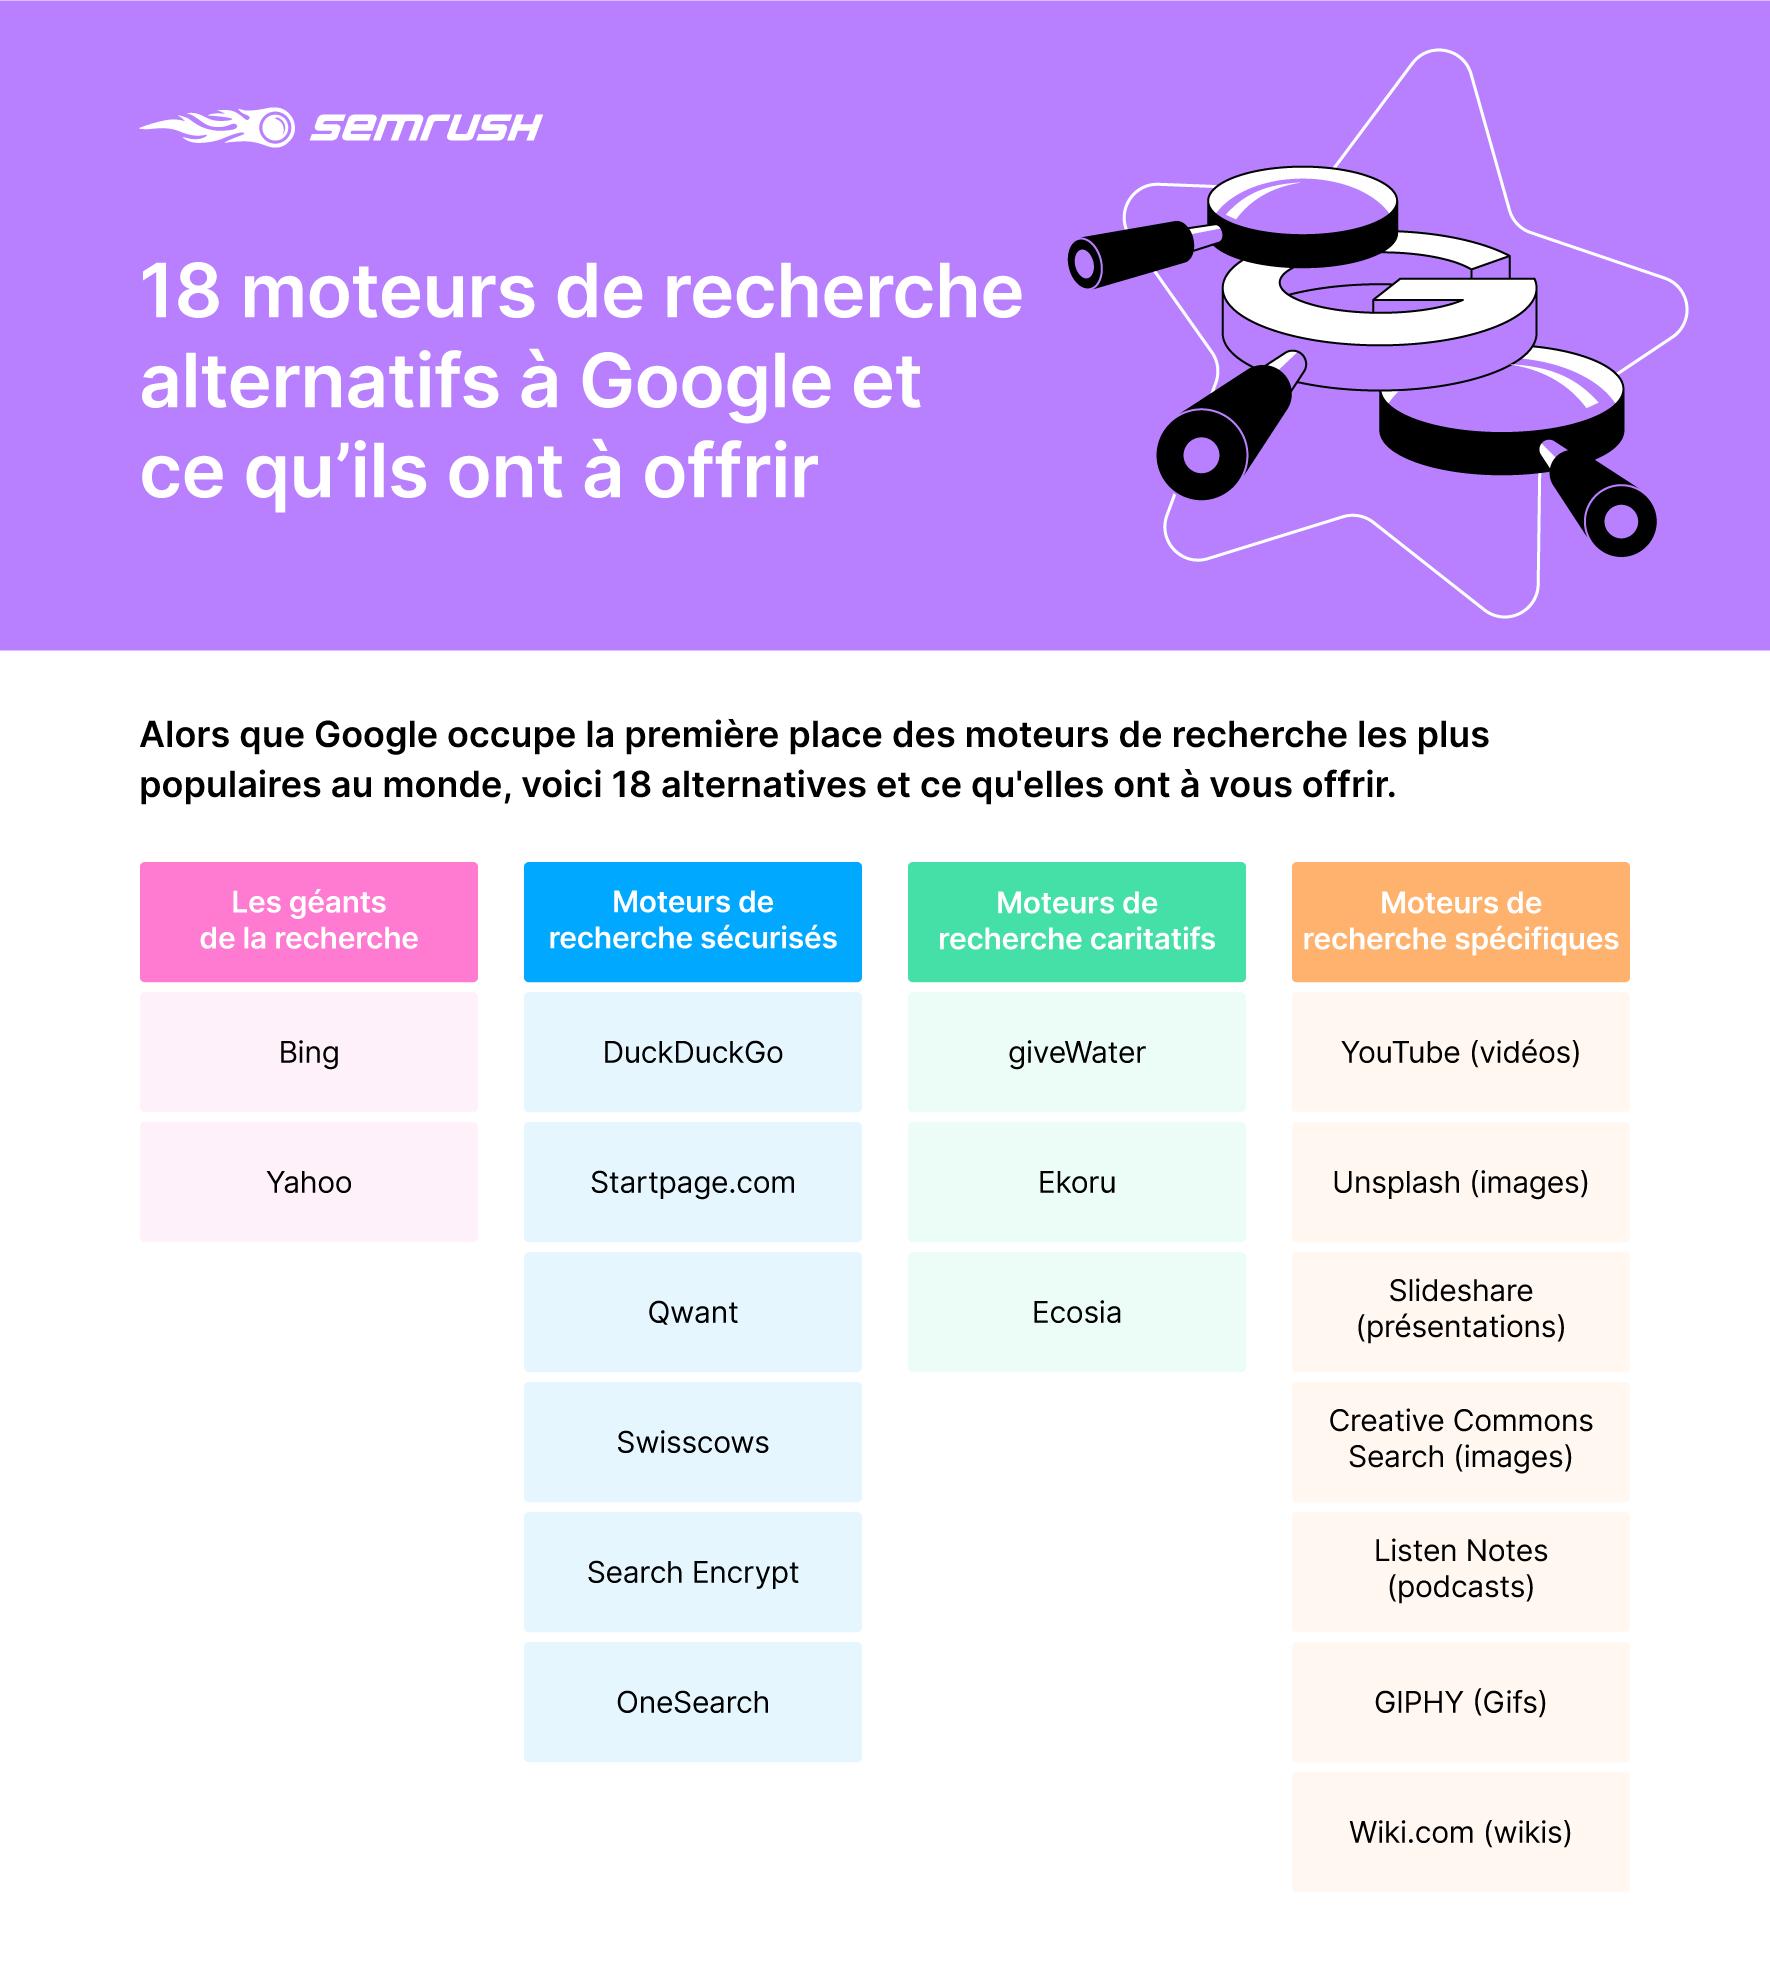 18 moteurs de recherche alternatifs à Google (pour lesquels vous devriez aussi optimiser votre site). Image 1